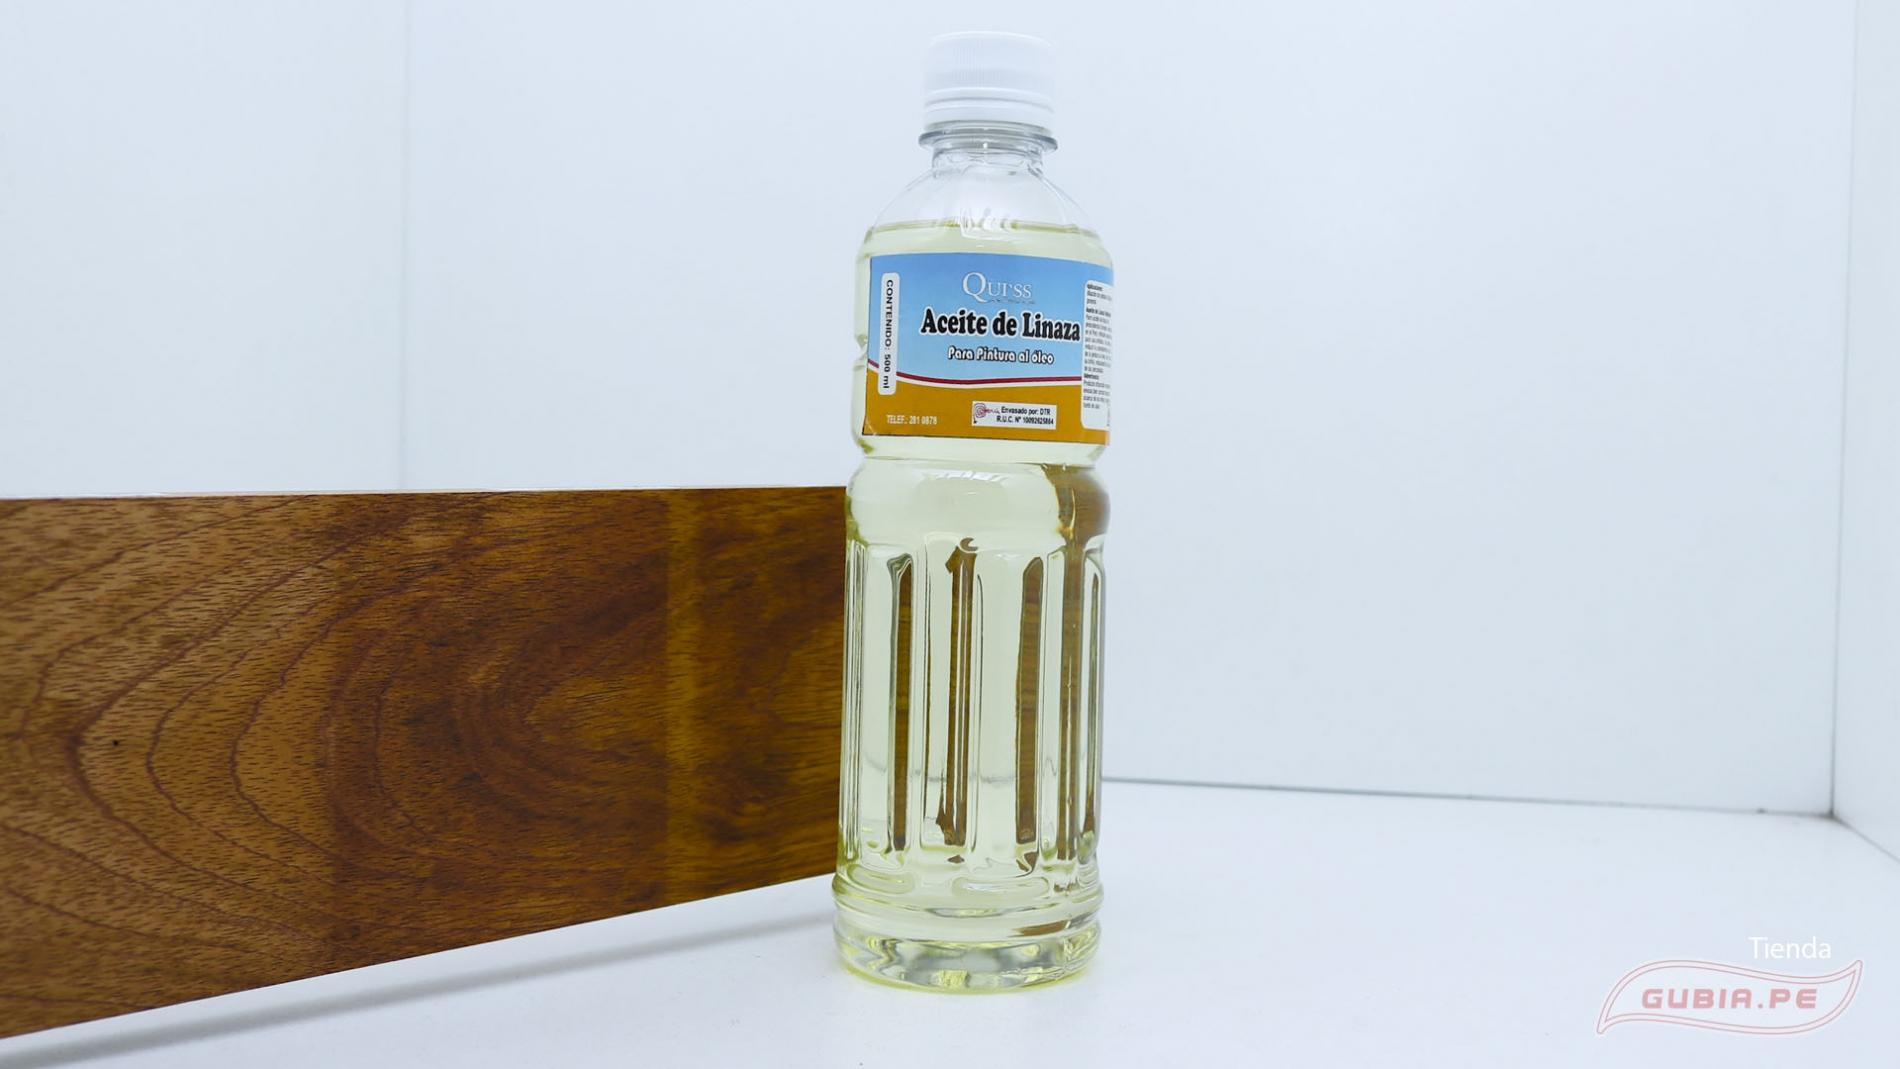 GUB0051-Aceite de Linaza 500ml Quiss GUB0051-max-2.